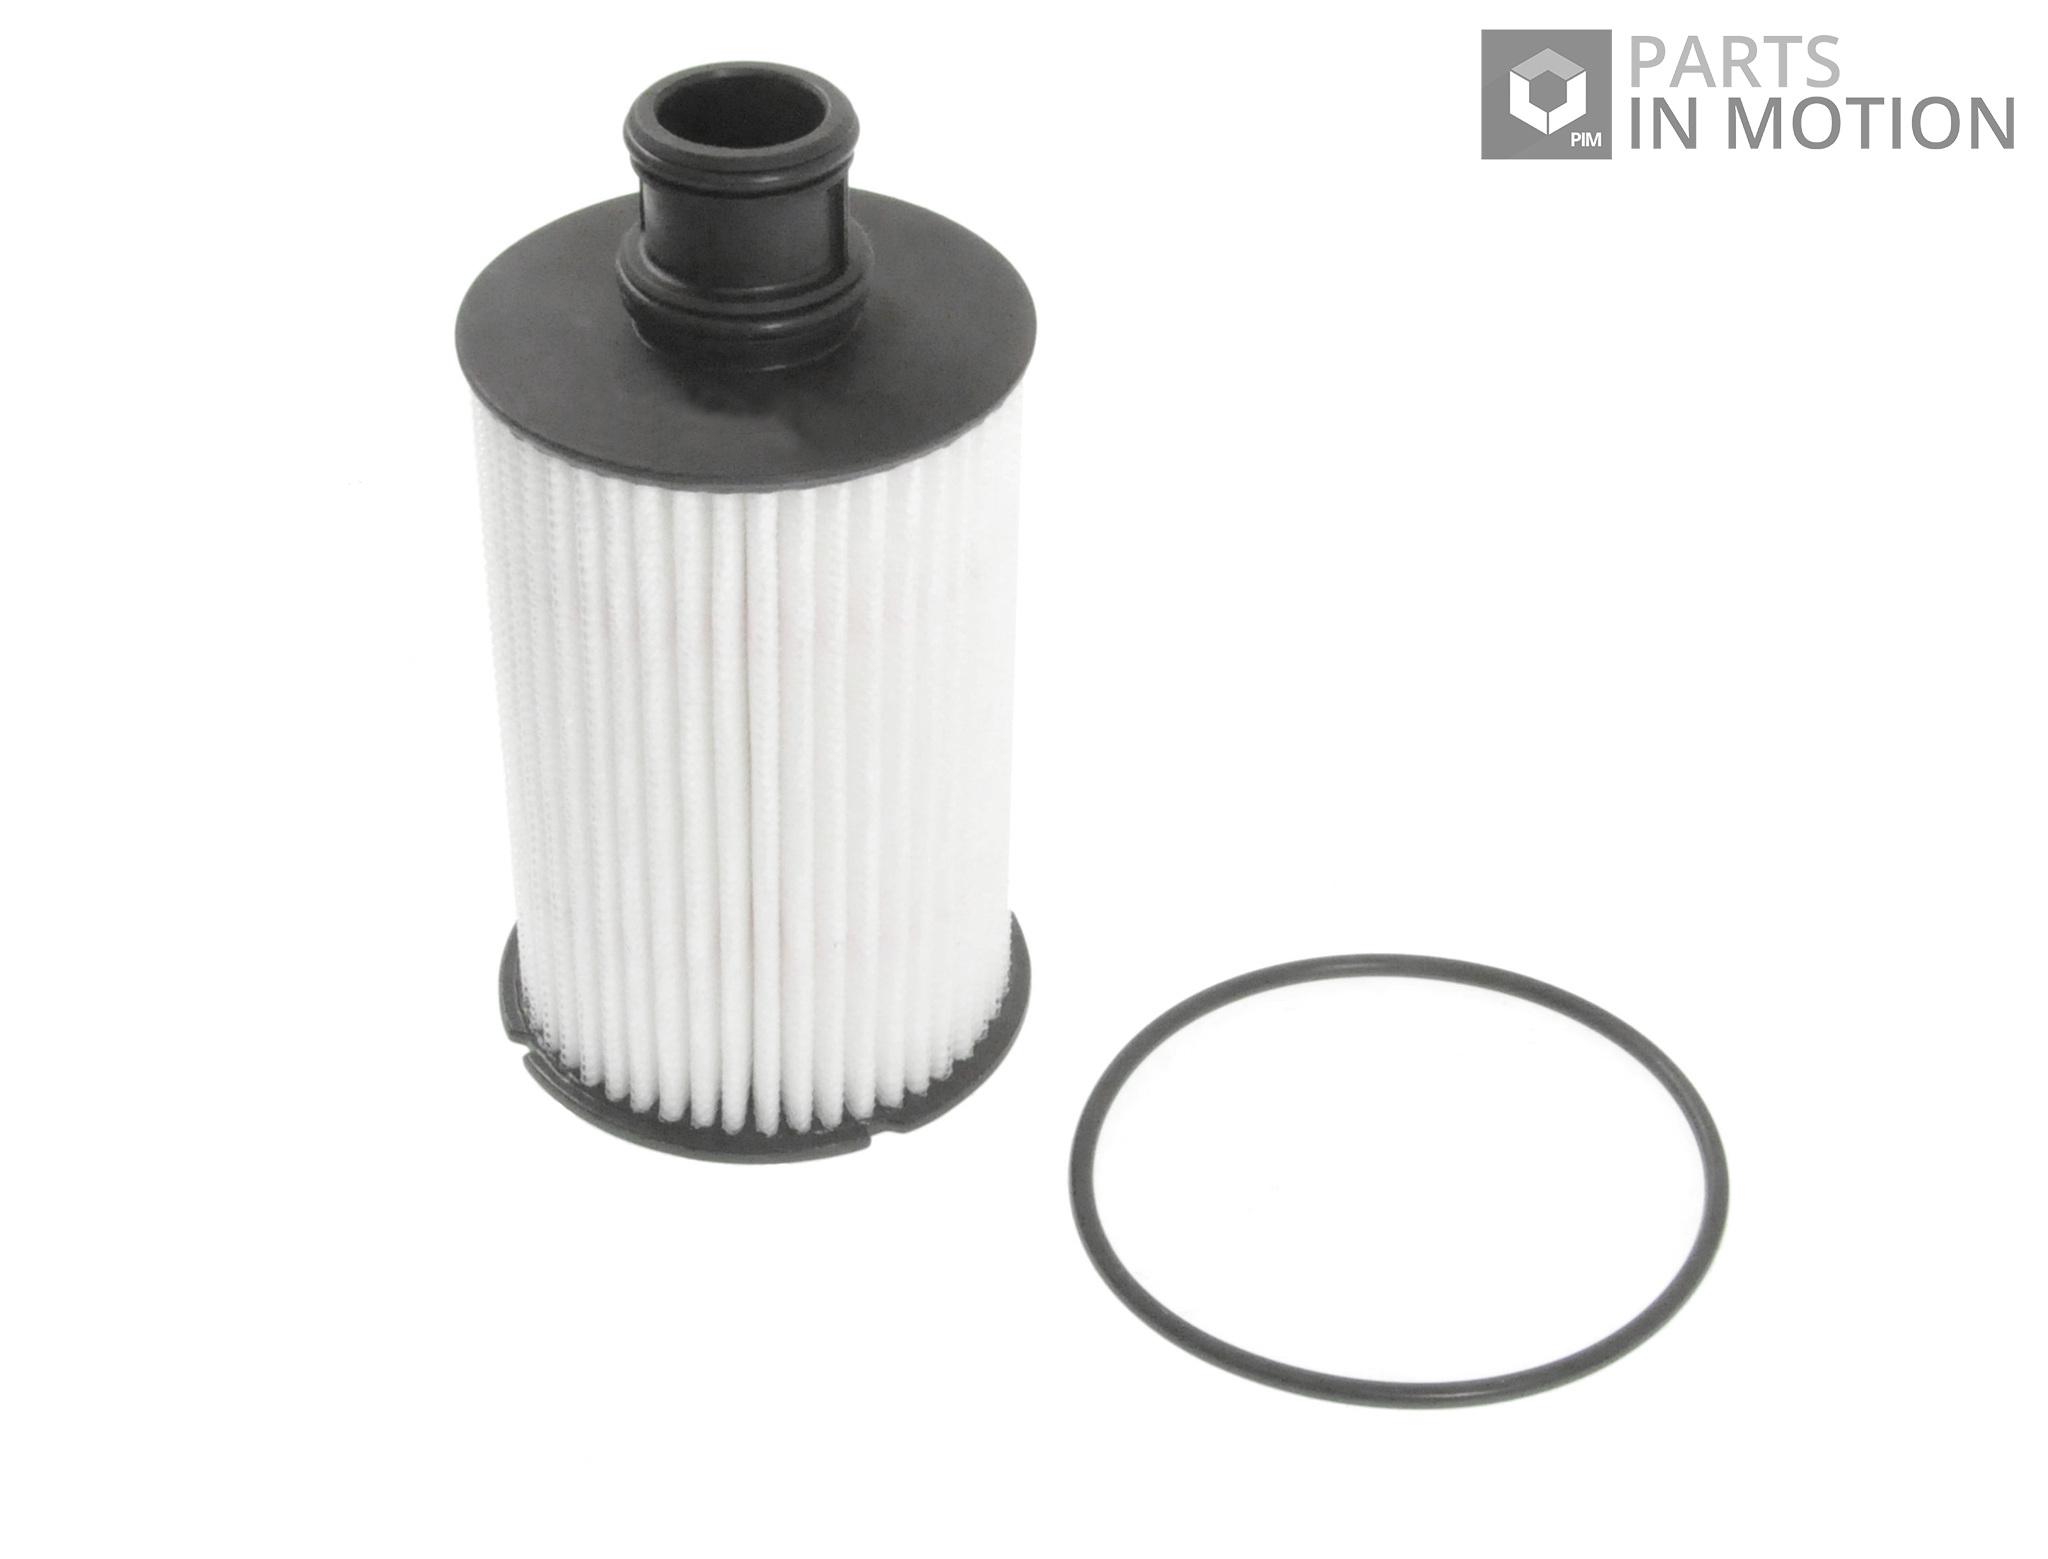 JAGUAR XJ 3.0 Oil Filter 2012 on ADJ132105 Blue Print C2D3670 Quality New